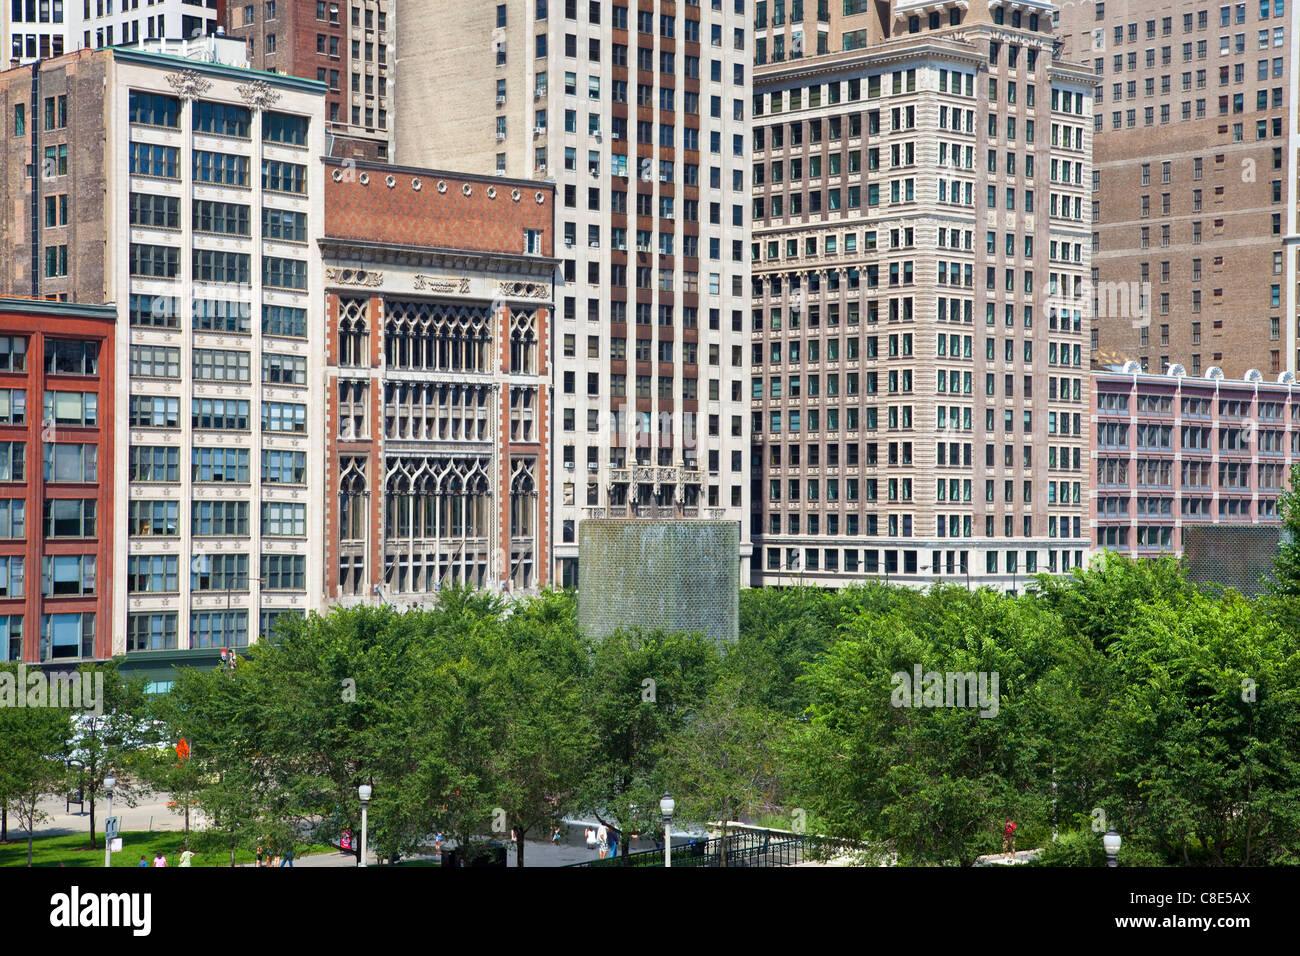 Crown Fountain, Chicago, Illinois - Stock Image